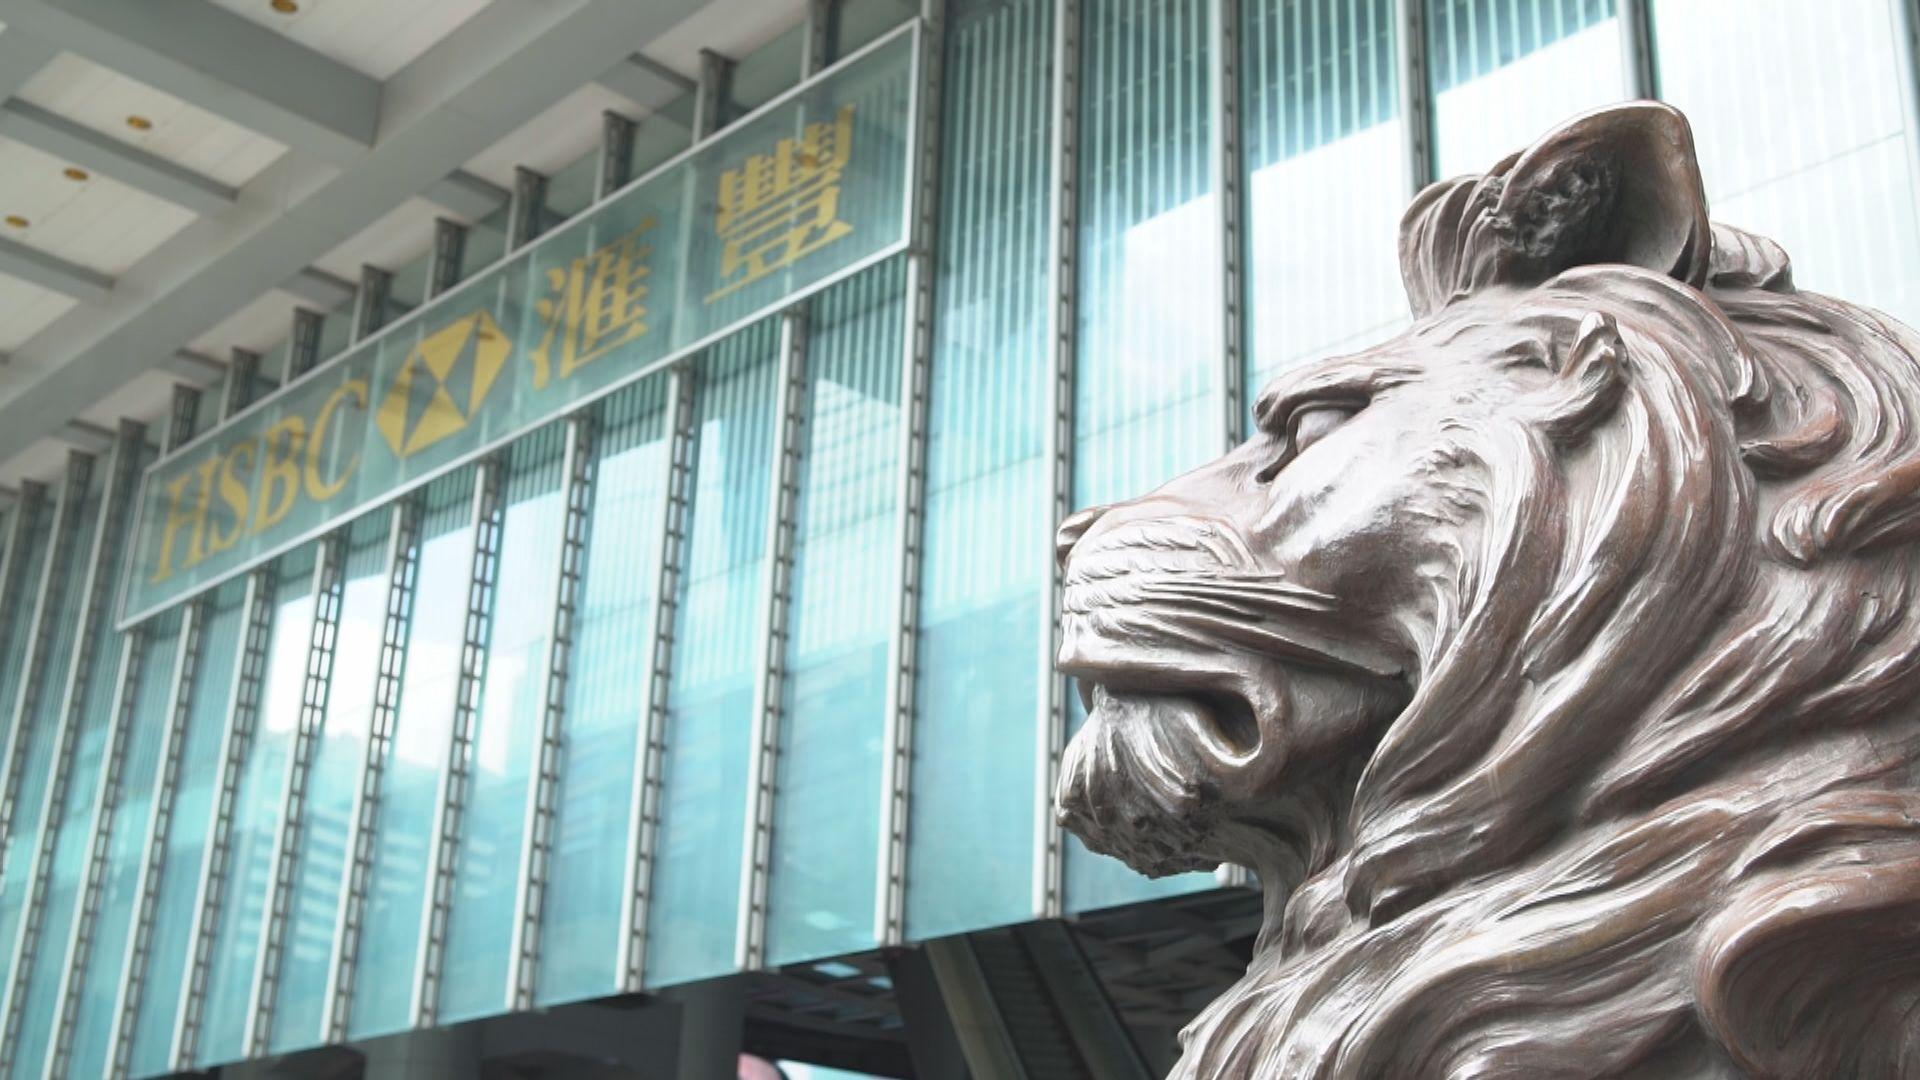 滙豐強烈譴責近日破壞銀行的行為